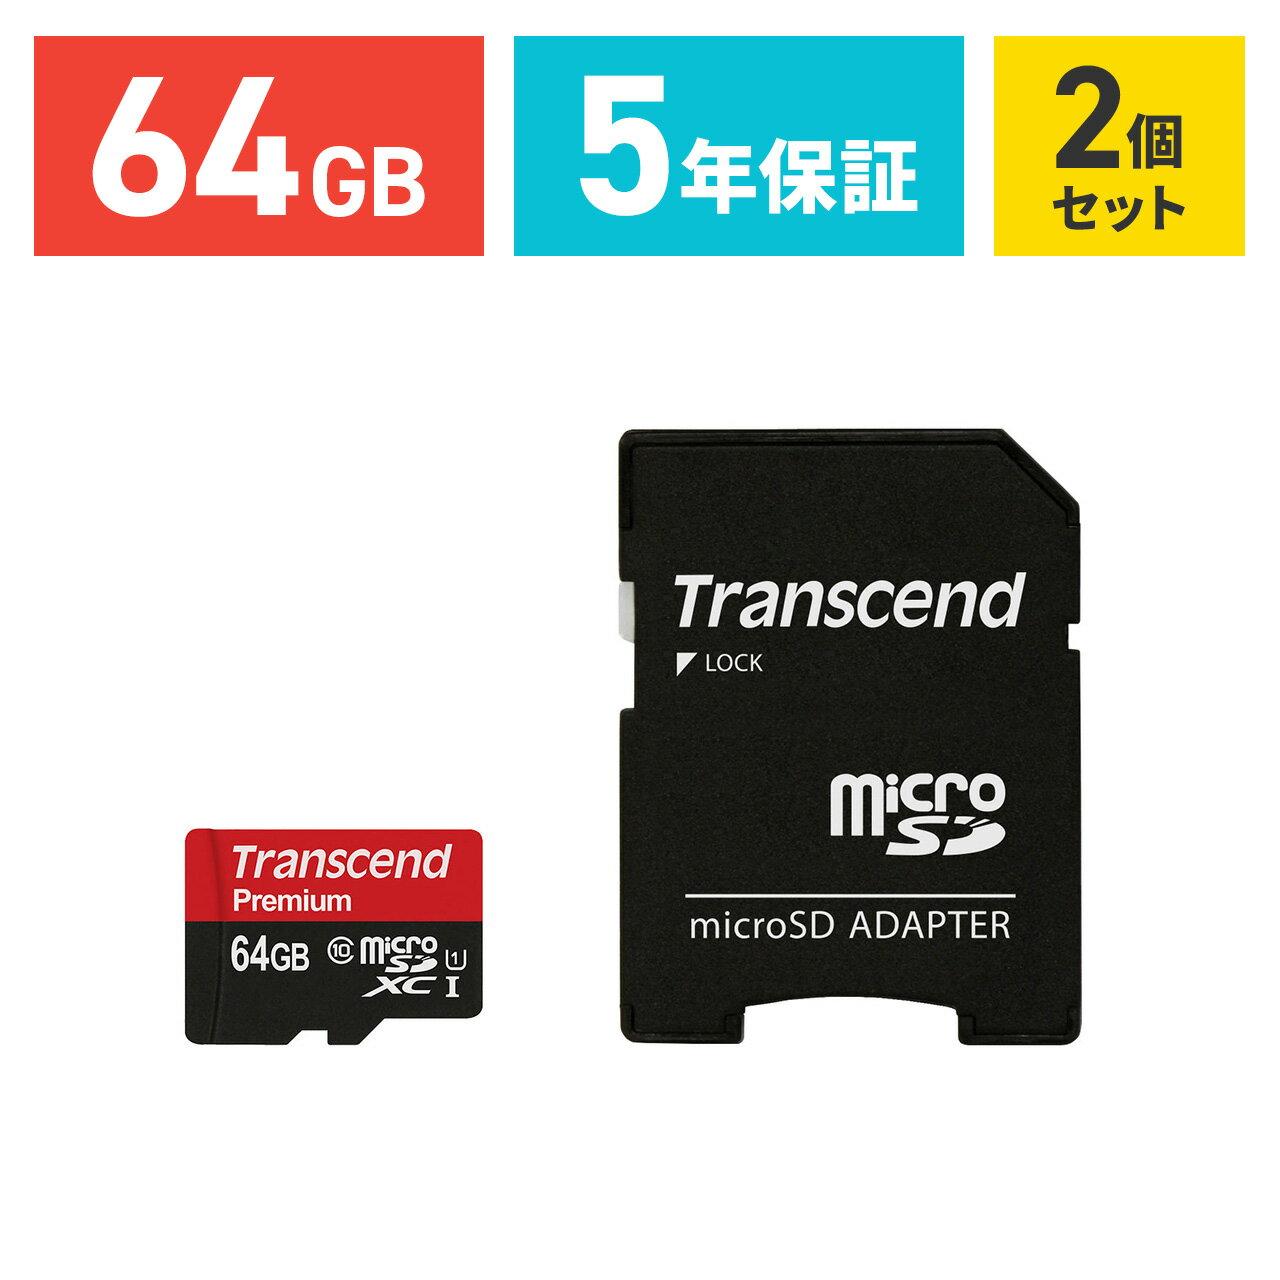 【1月17日値下げしました】【まとめ割 2個セット】Transcend microSDカード 64GB Class10 UHS-I 5年保証 マイクロSD microSDXC SDアダプター付 クラス10 スマホ SD 入学 卒業[TS64GUSDU1]【ネコポス専用】【送料無料】